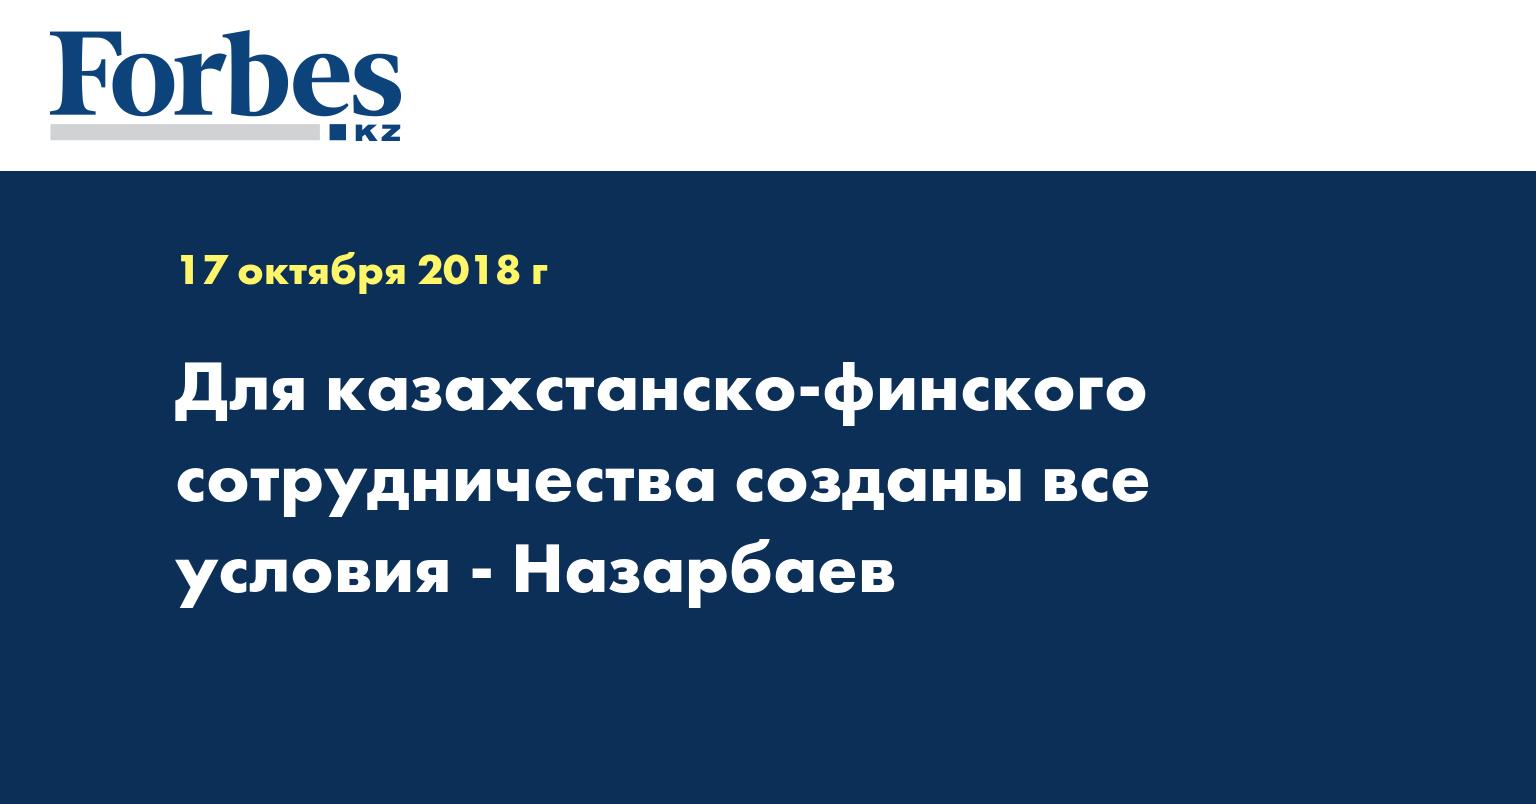 Для казахстанско-финского сотрудничества созданы все условия - Назарбаев